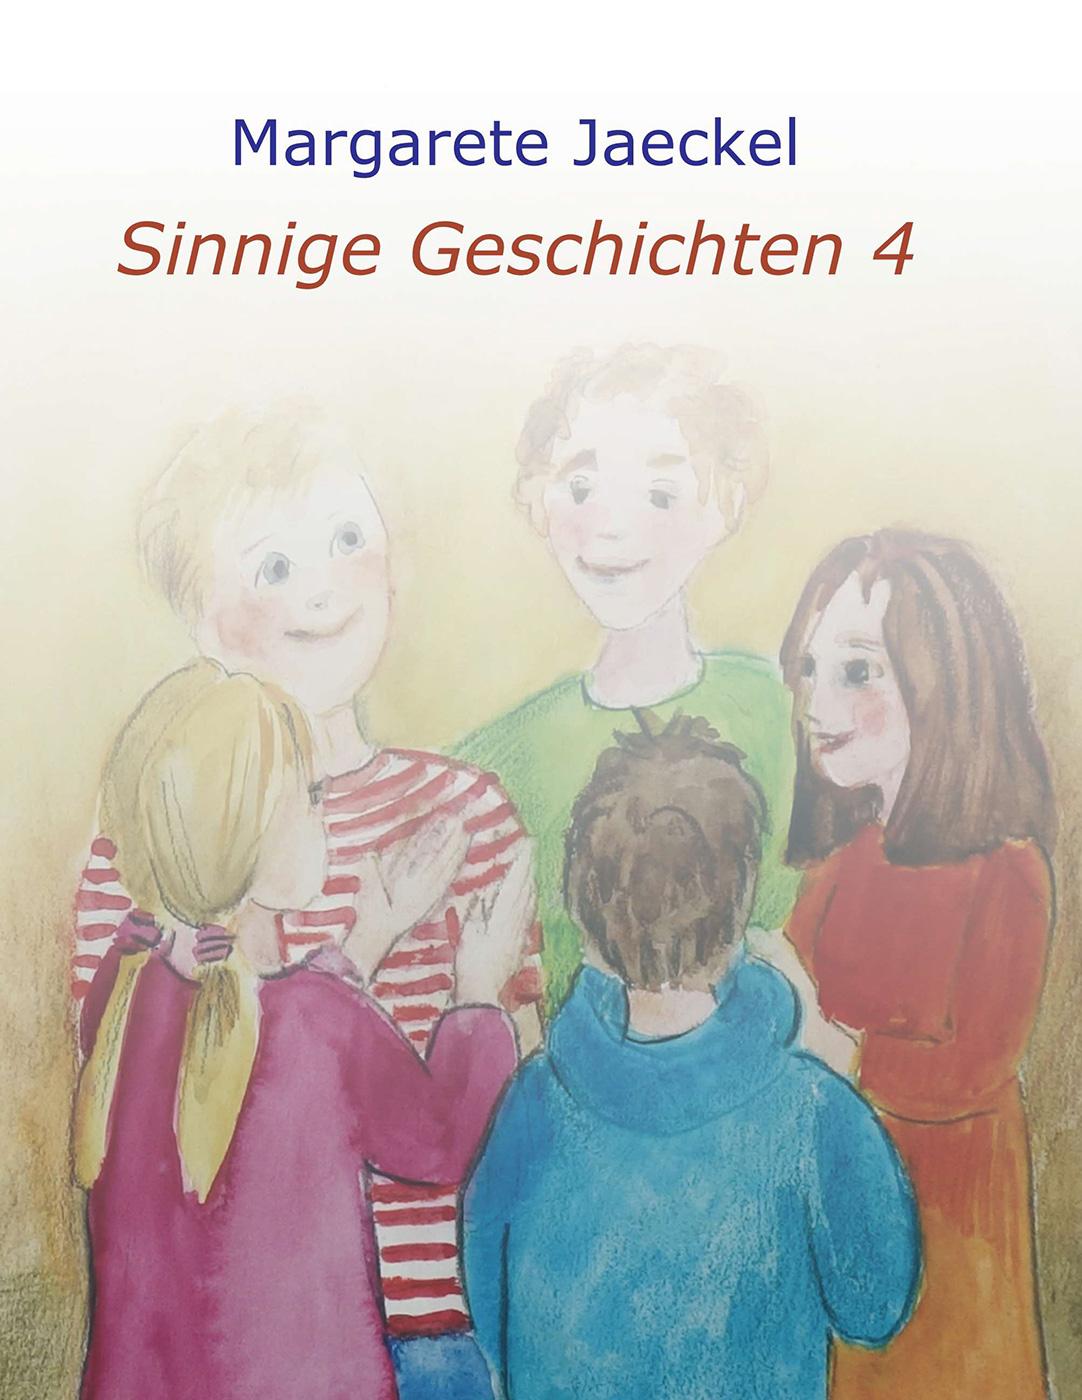 Sammelband 4 | Sinnige Geschichten Margarete Jaeckel | Illustrationen: S. Ledendecker & Eva-Maria Johannes